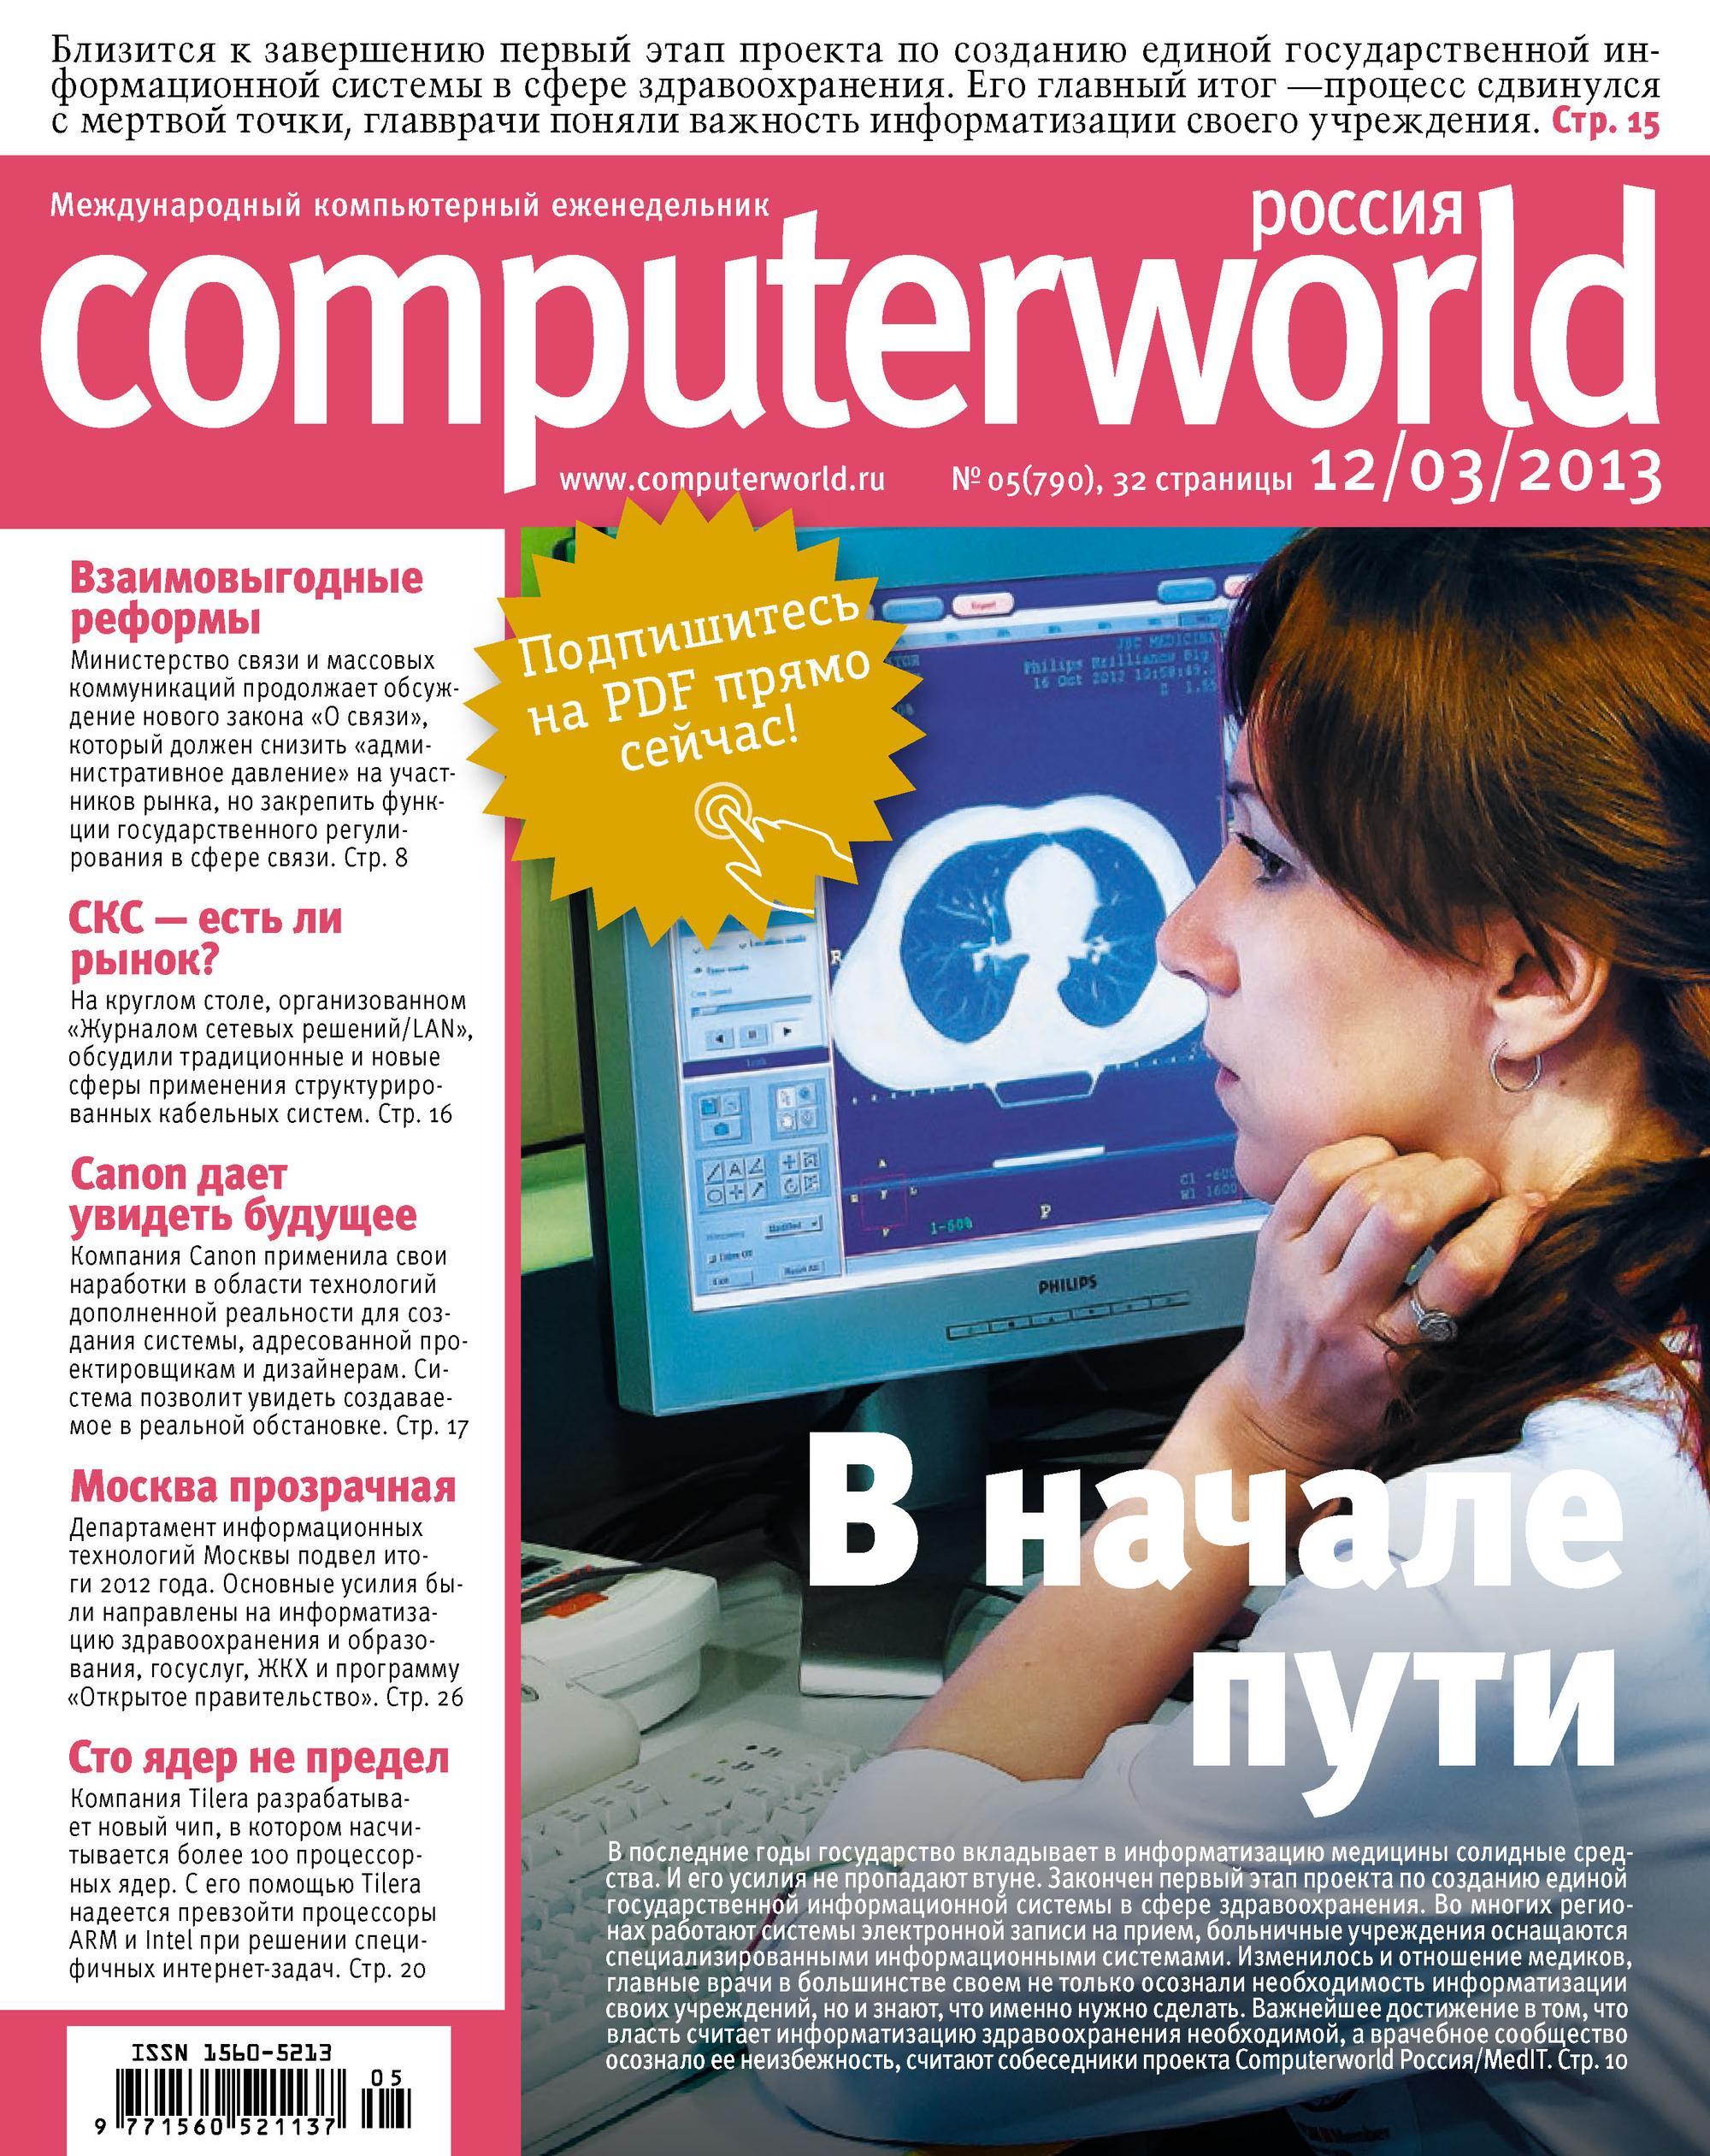 Открытые системы Журнал Computerworld Россия №05/2013 открытые системы журнал computerworld россия 29 2012